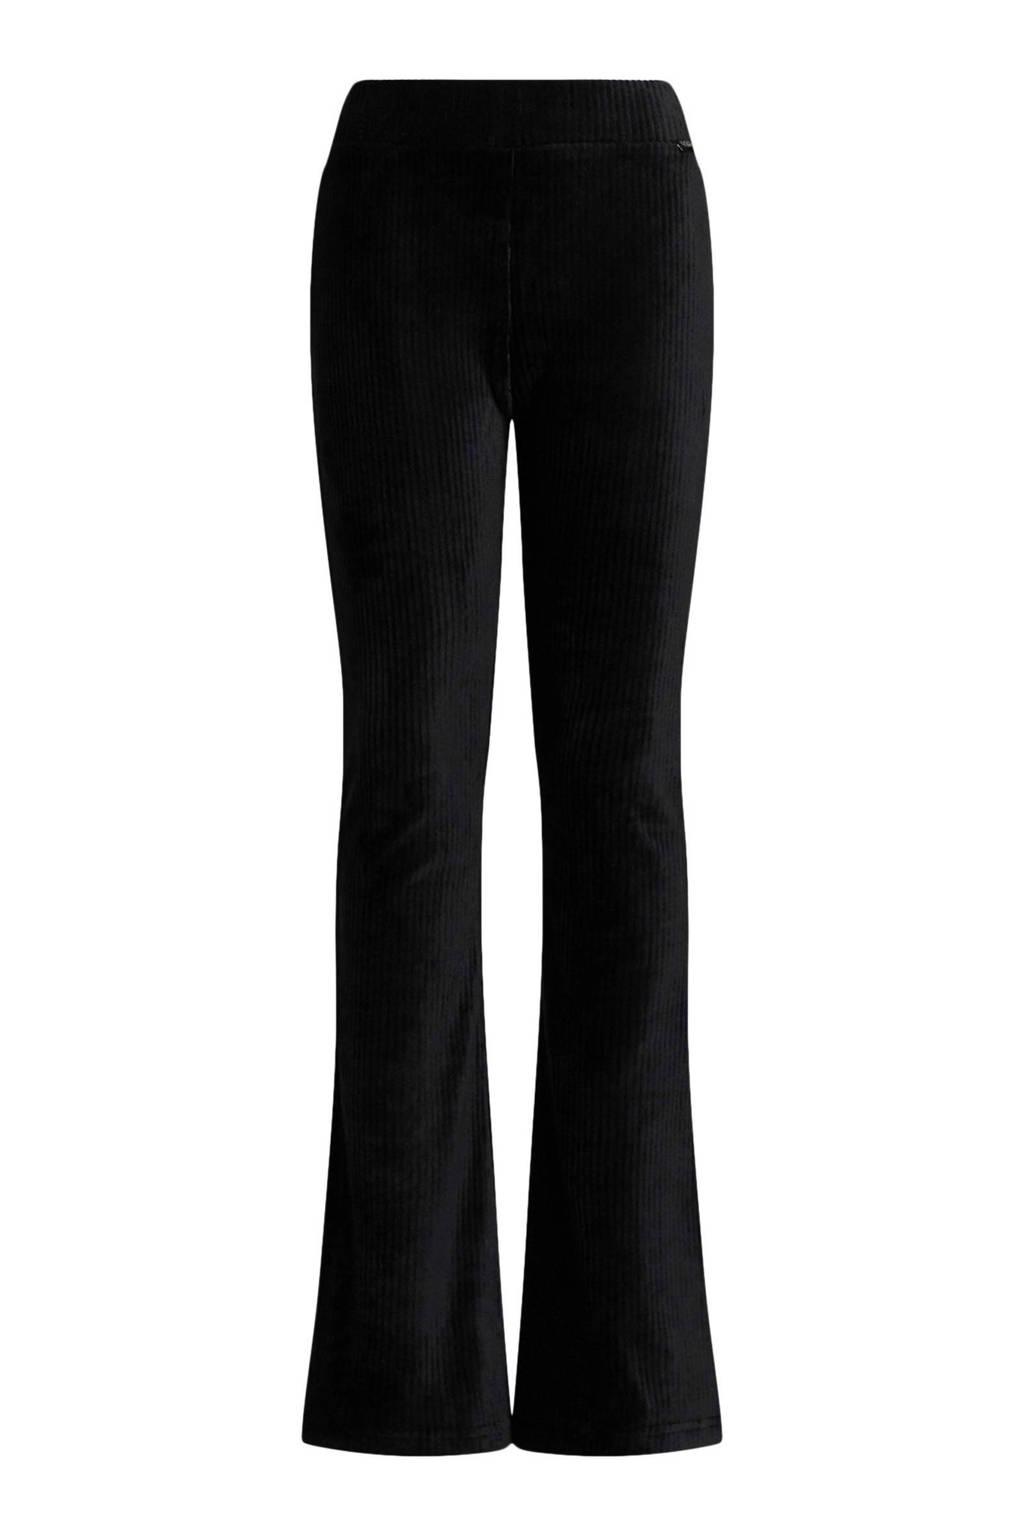 WE Fashion broek zwart, Zwart